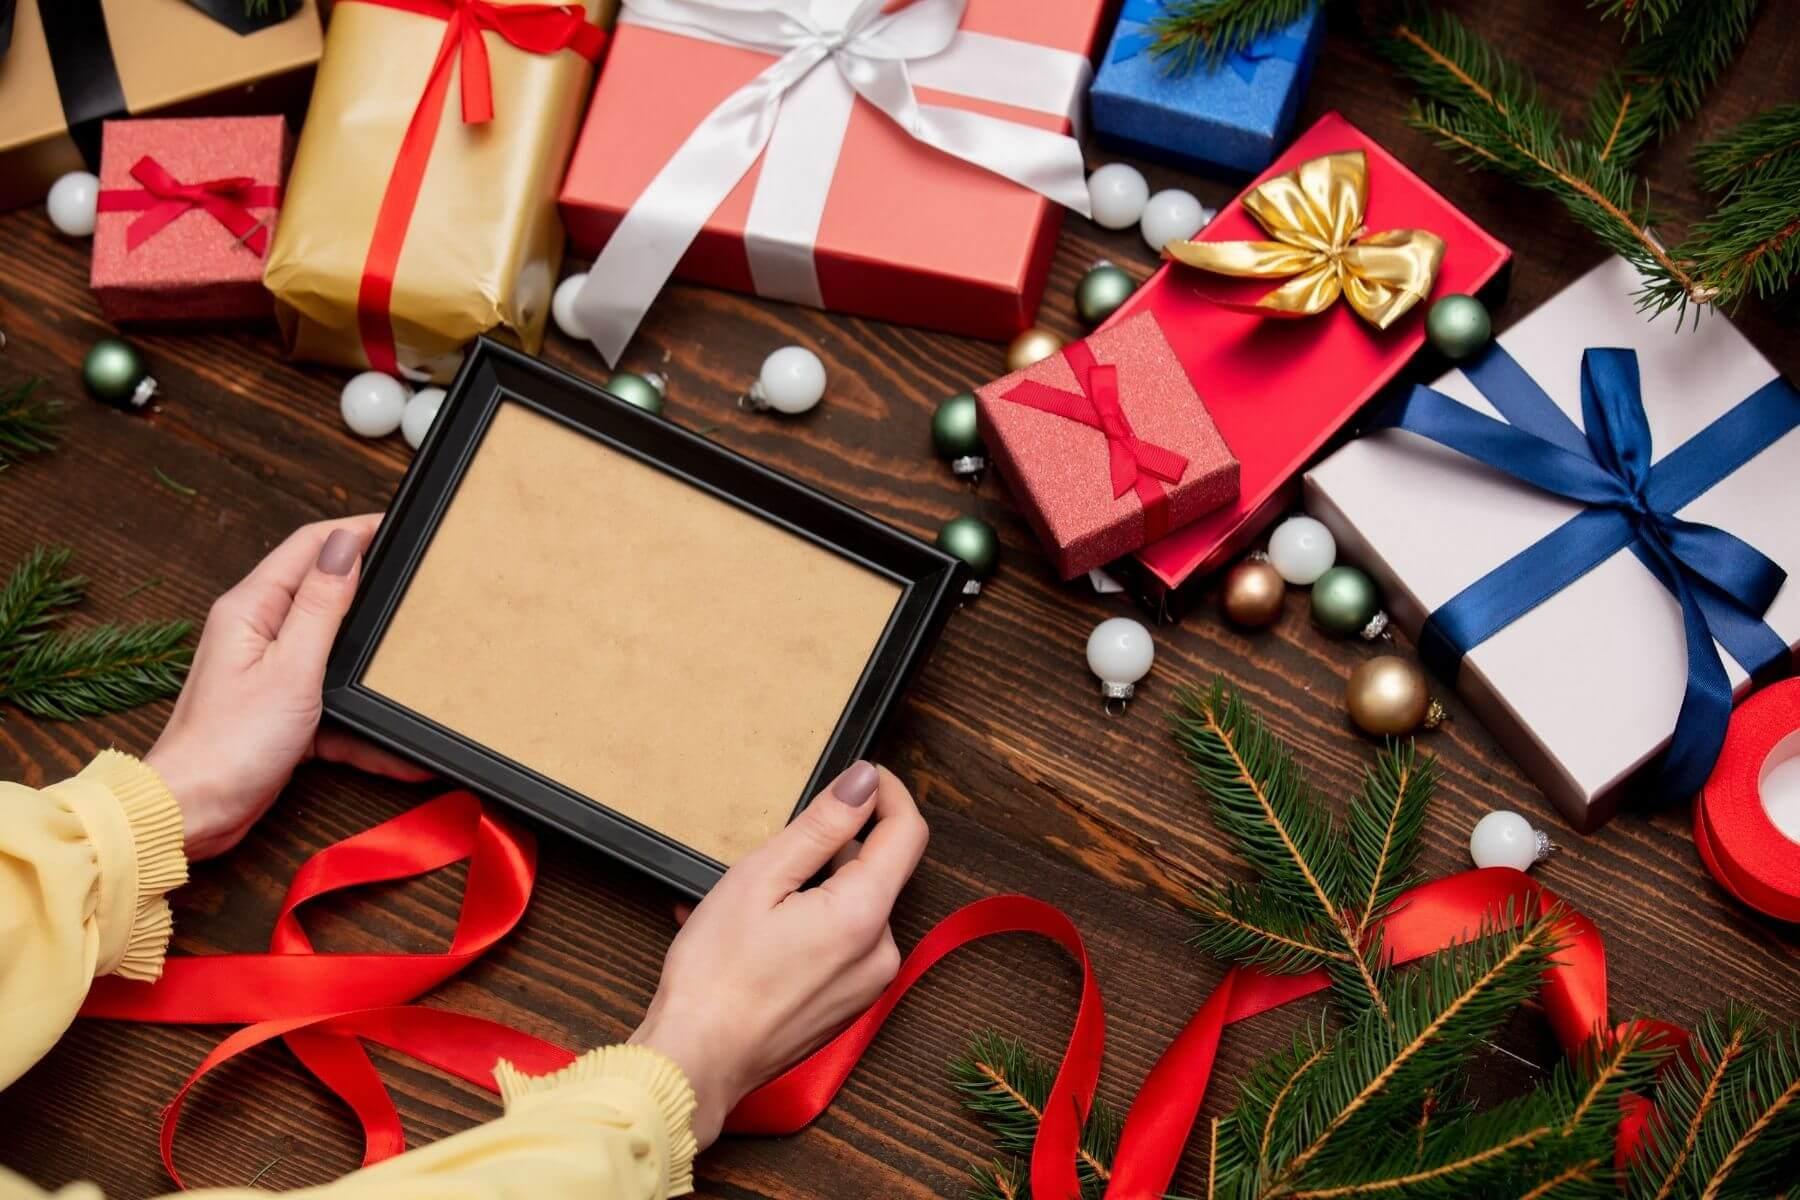 ห่อกรอบรูปด้วยกระดาษห่อของขวัญ